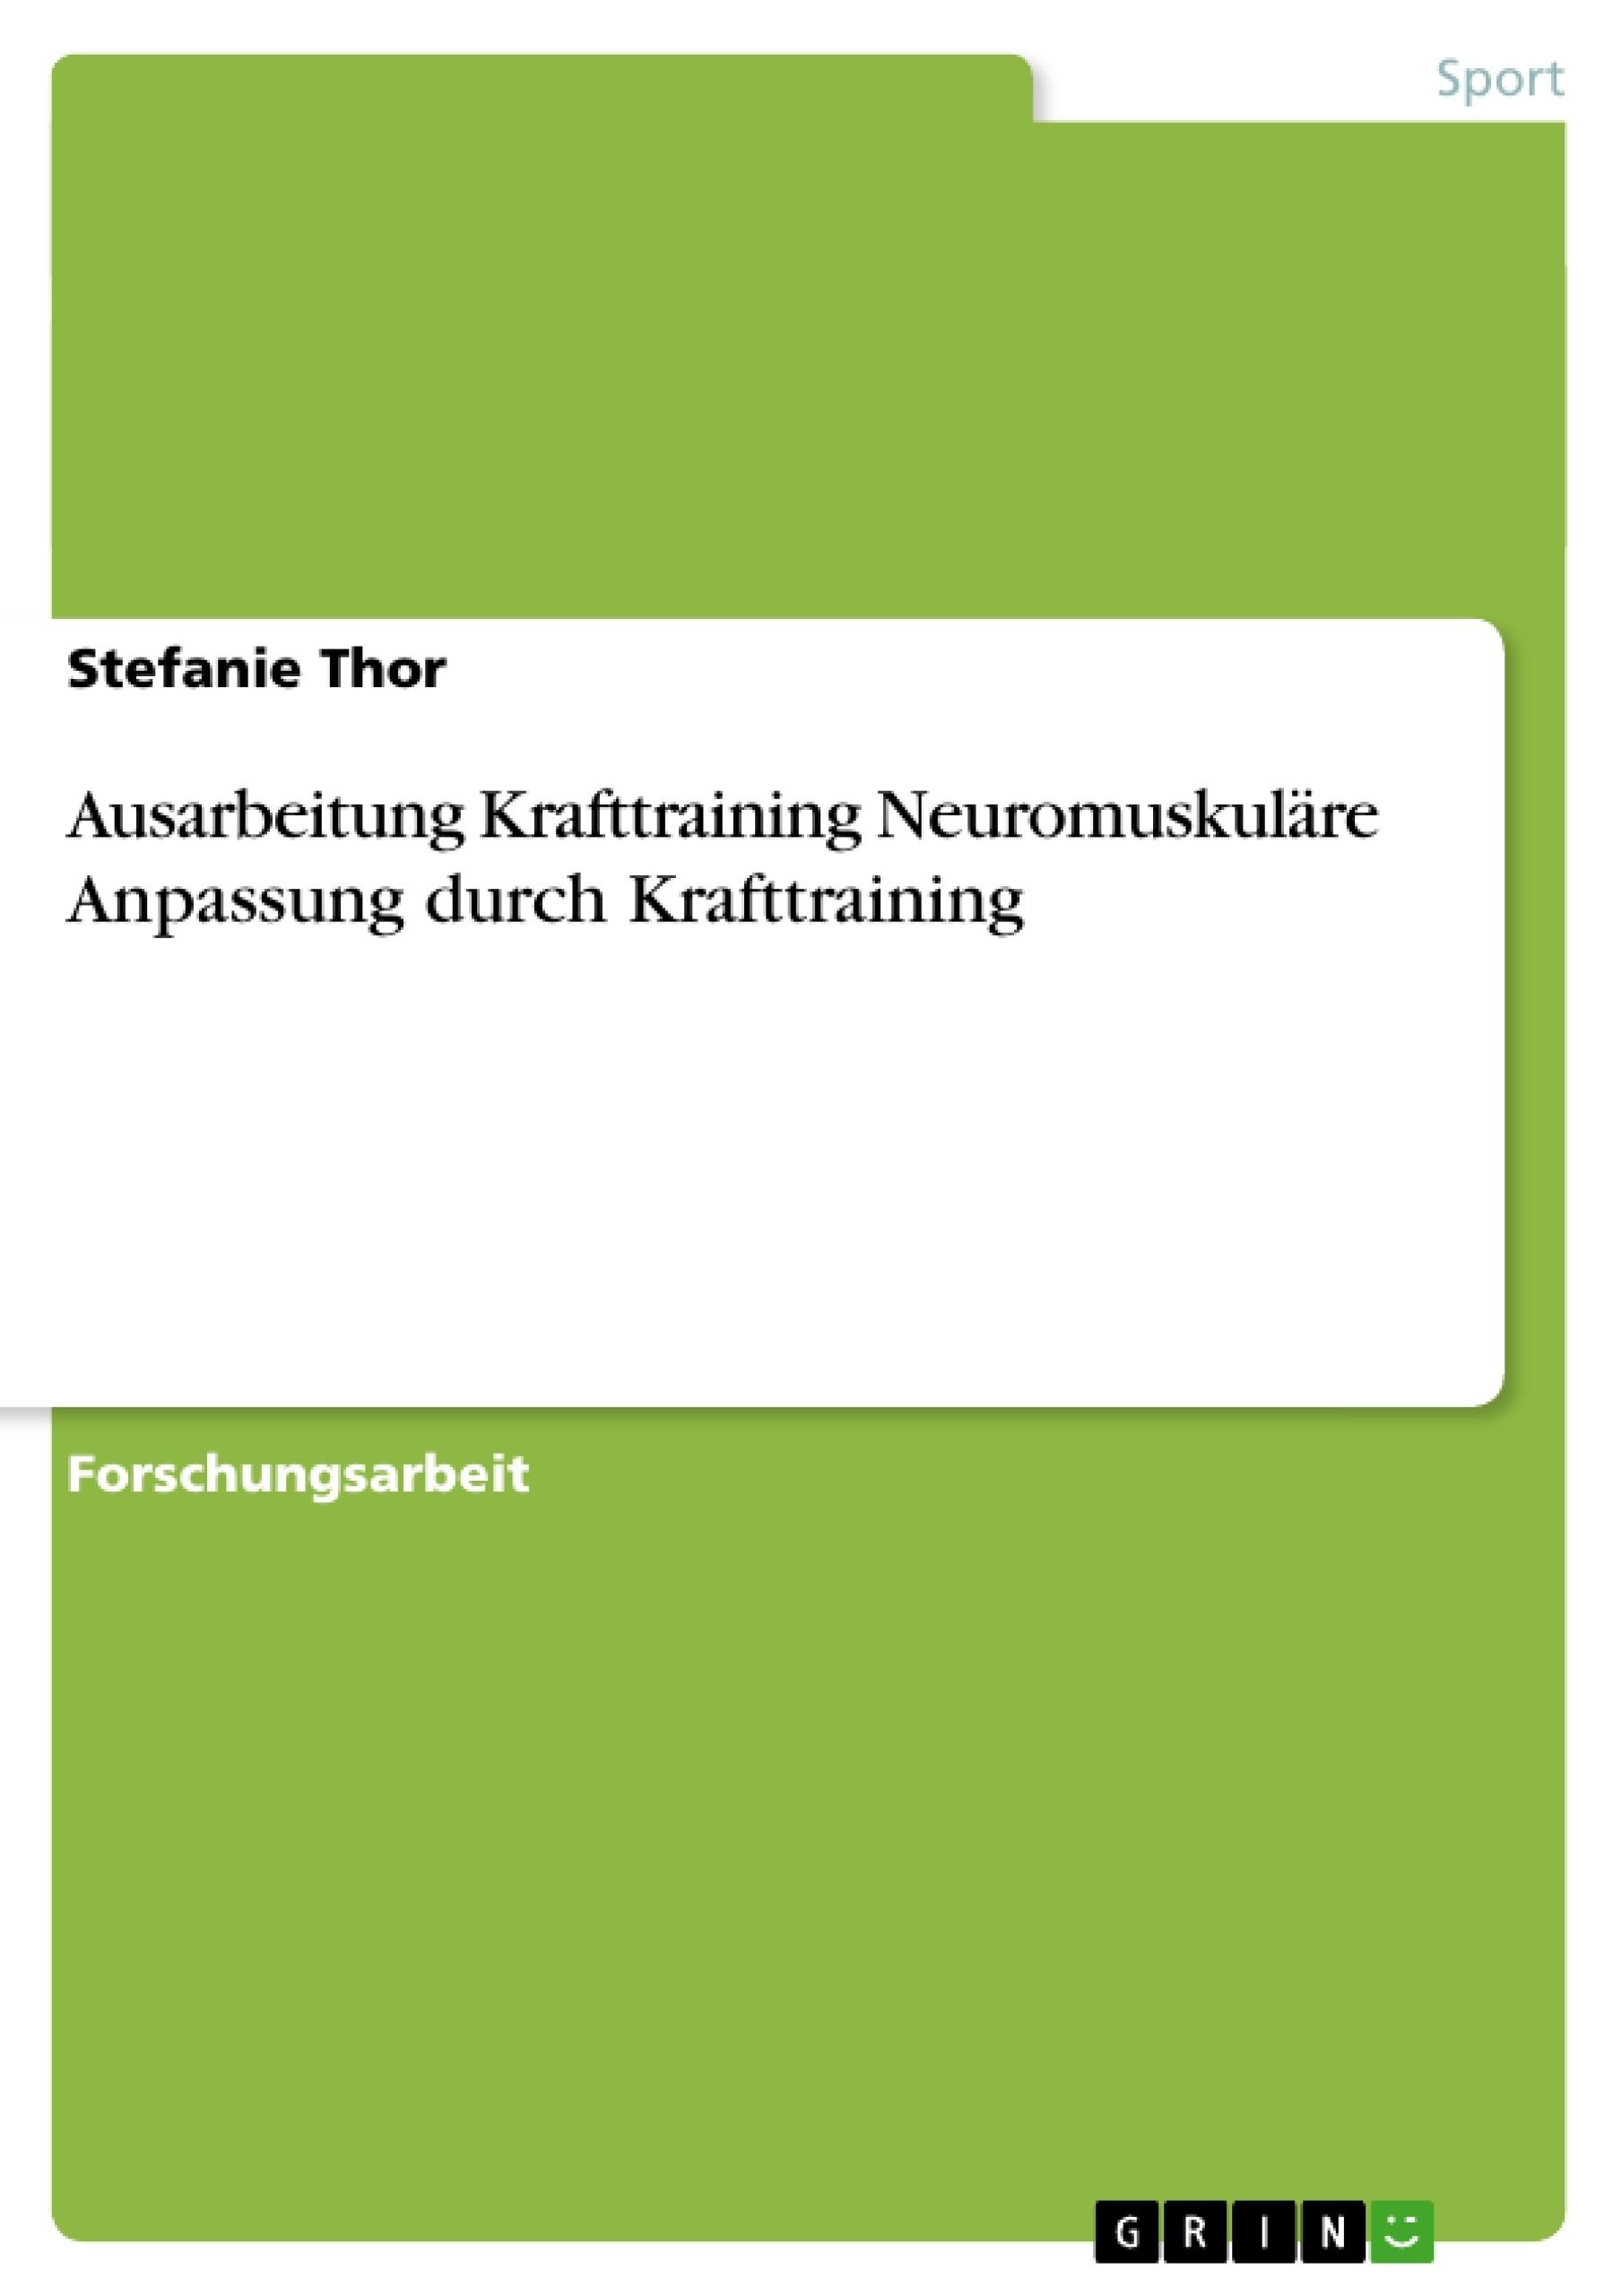 Titel: Ausarbeitung Krafttraining Neuromuskuläre Anpassung durch Krafttraining